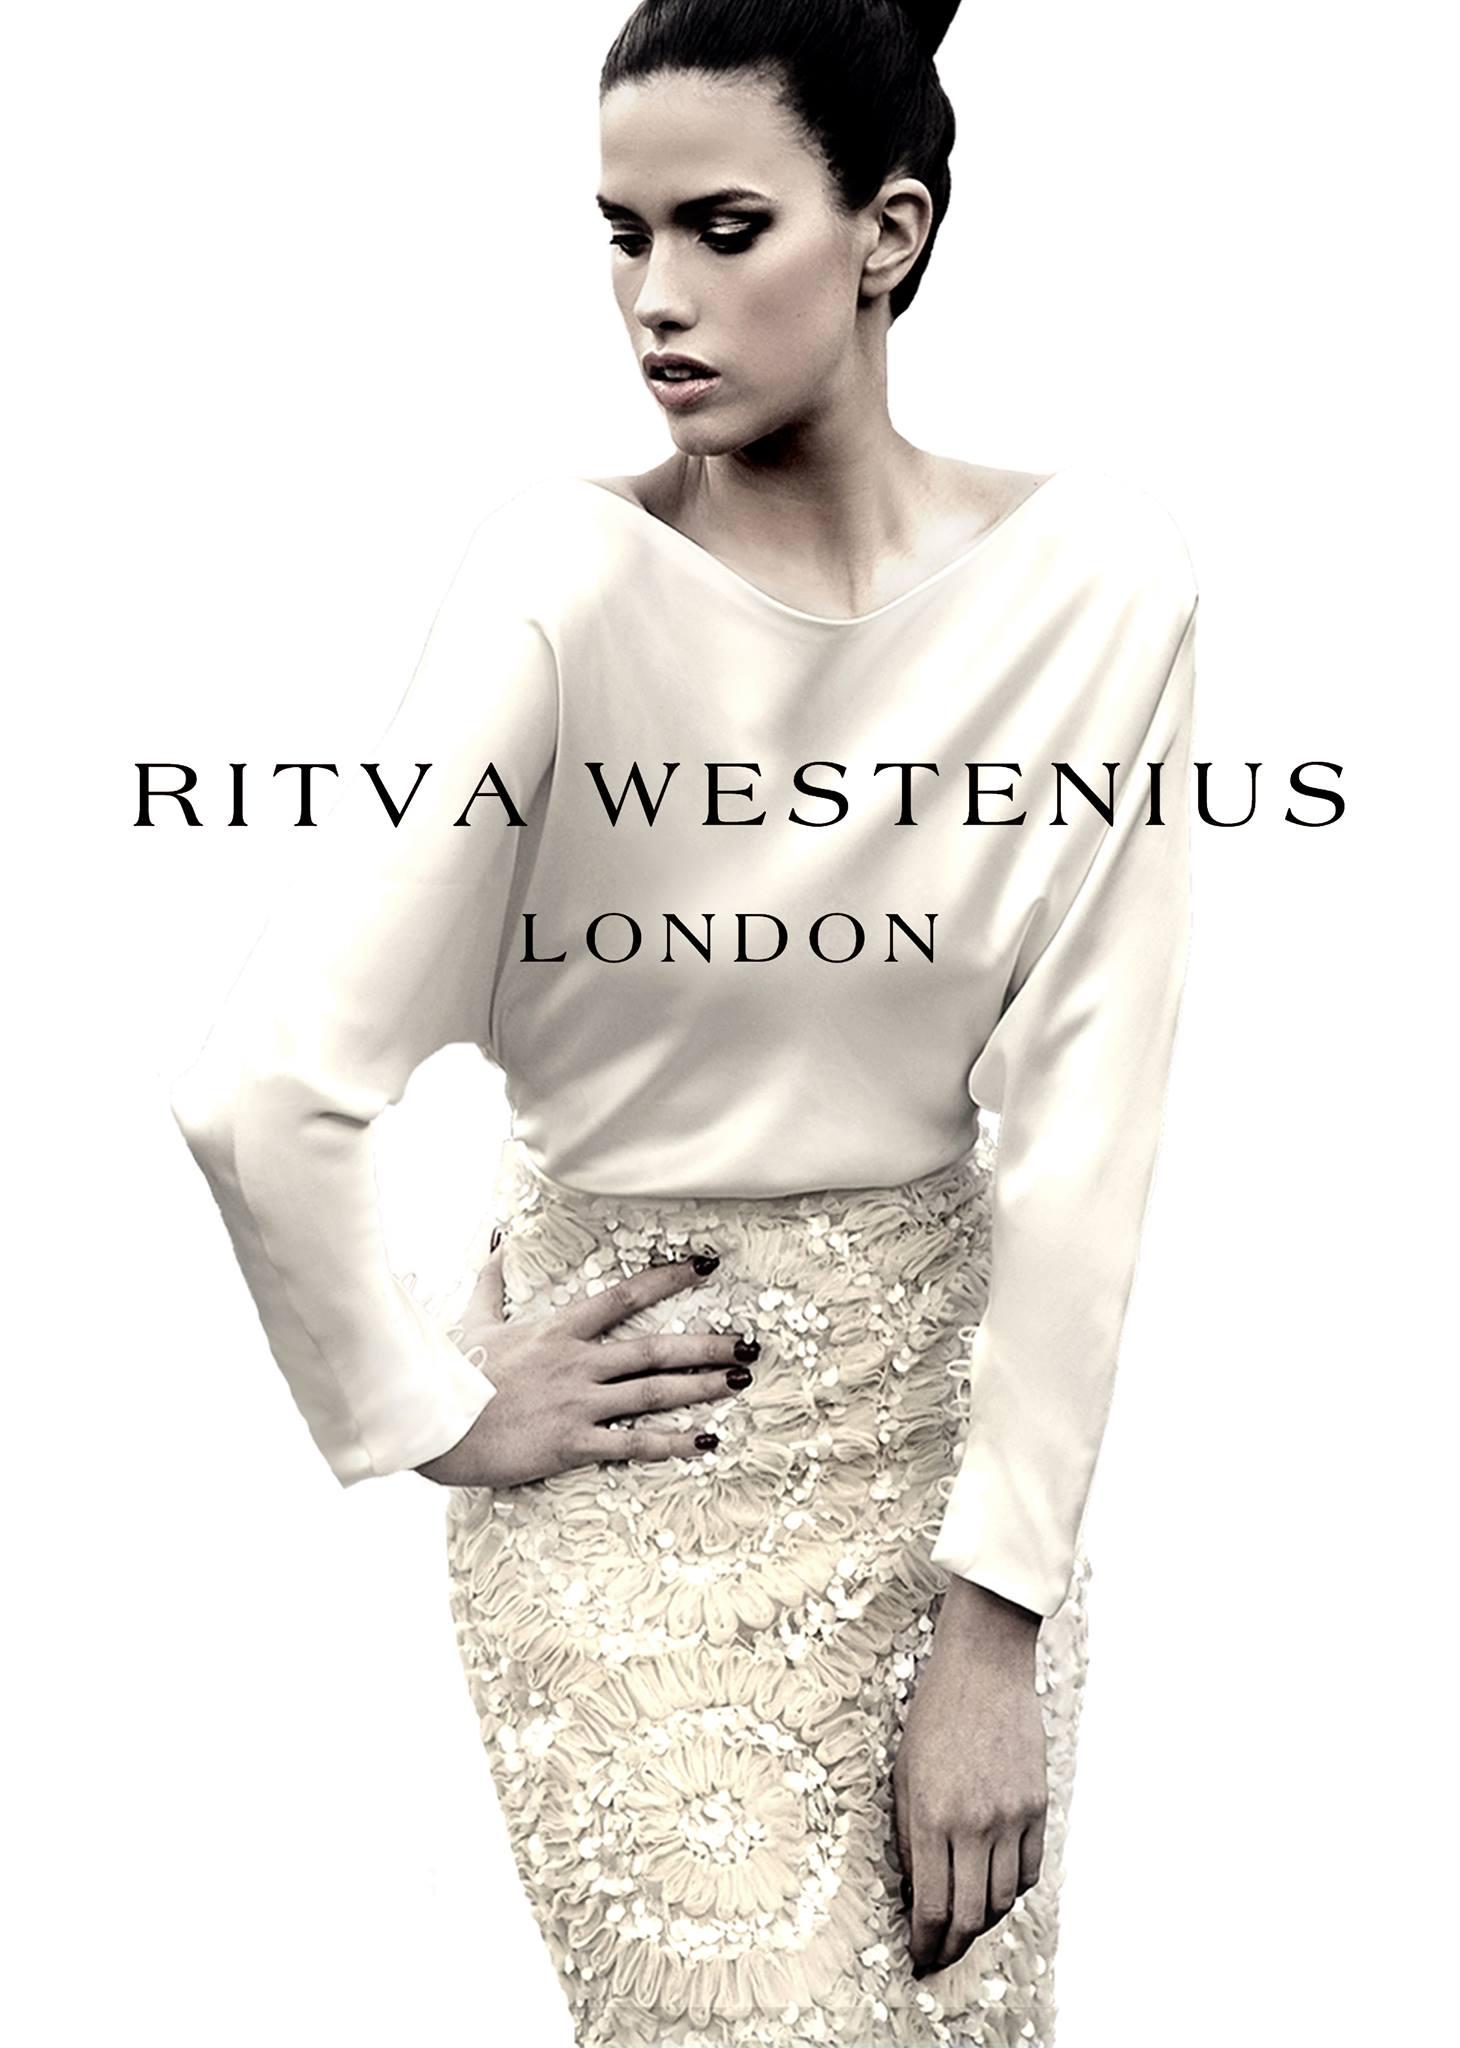 Ritva Westenius London